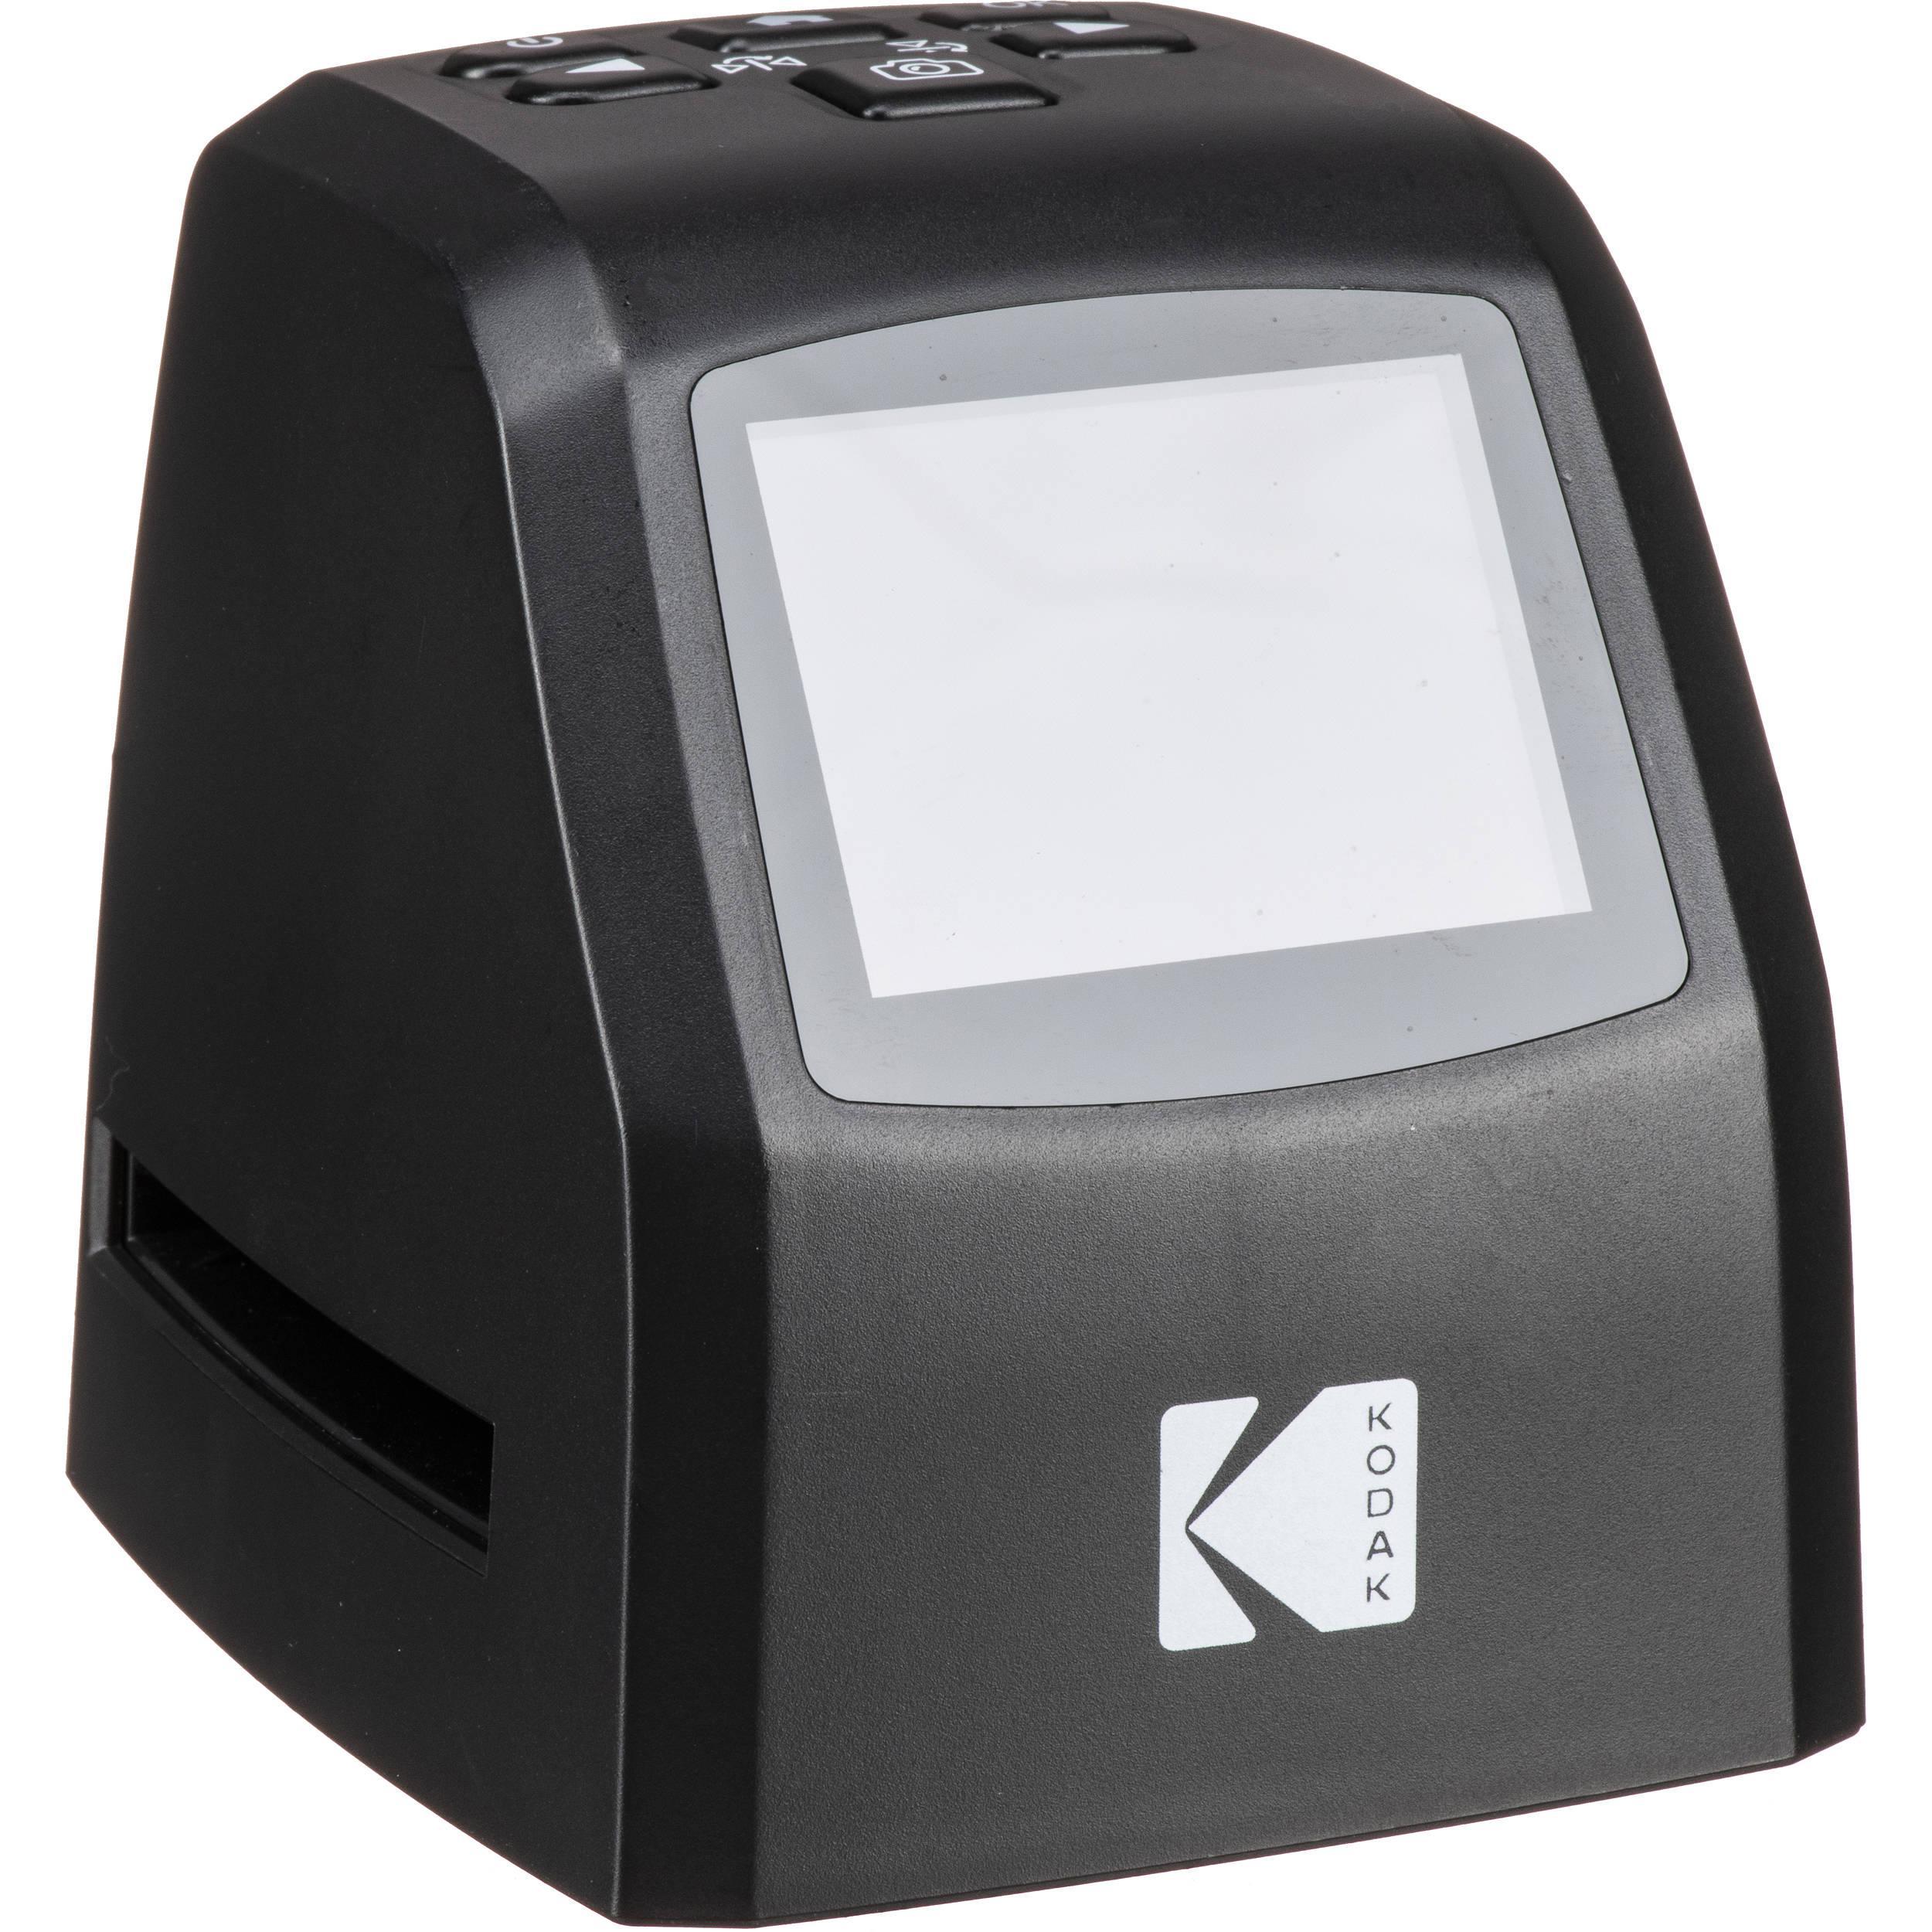 Scanner Kodak Mini Digital Film & Slide